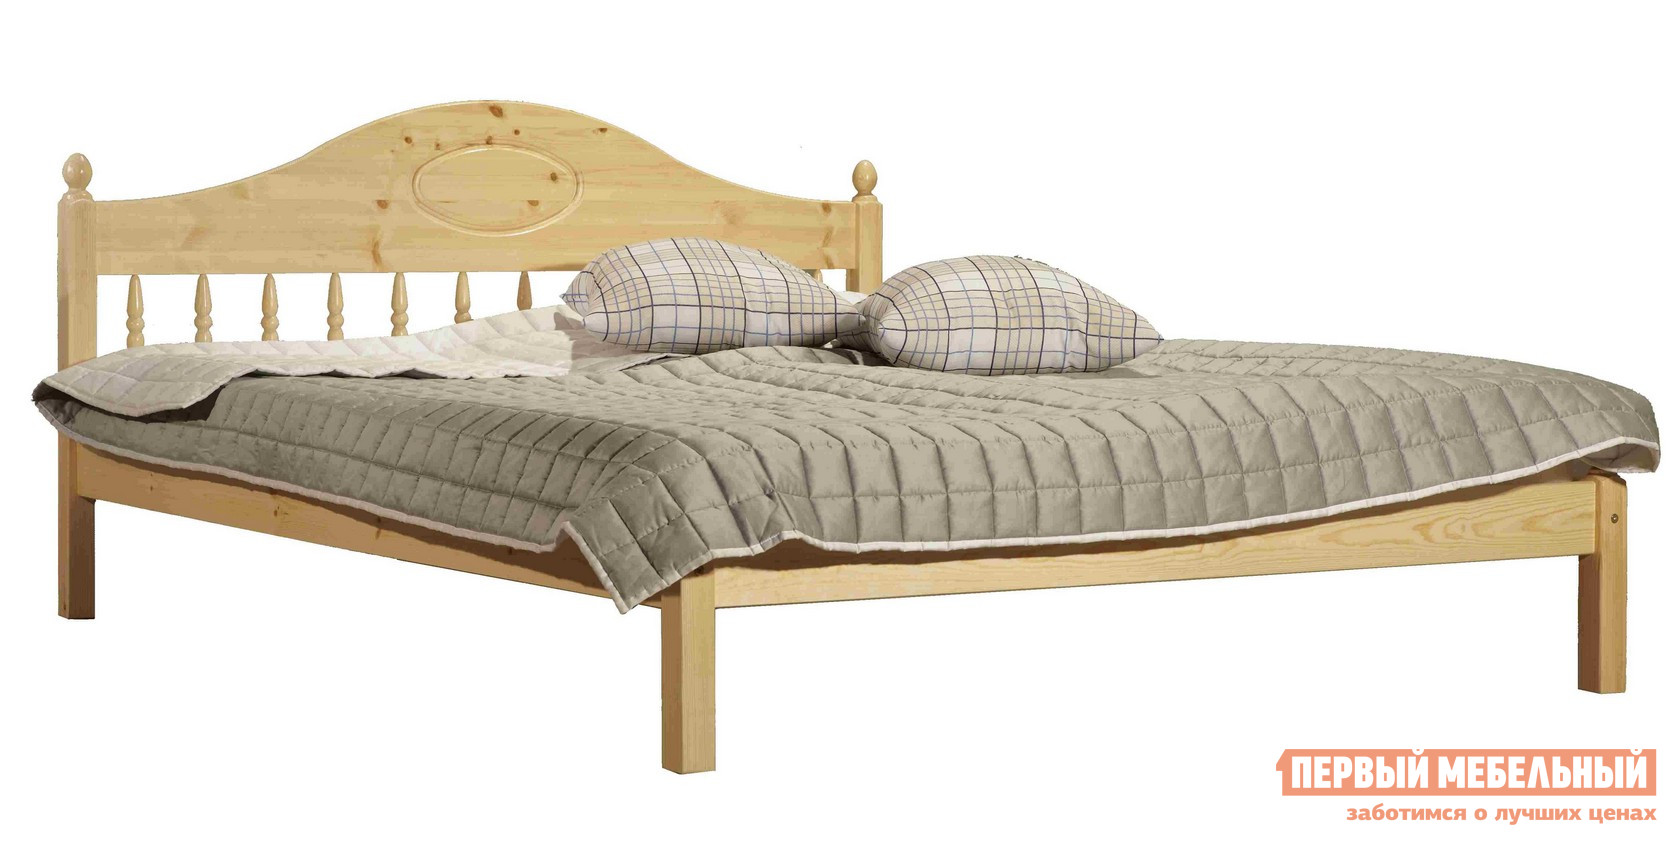 Кровать односпальная Timberica Фрея-1 детская кровать timberica кровать фрея 2 детская